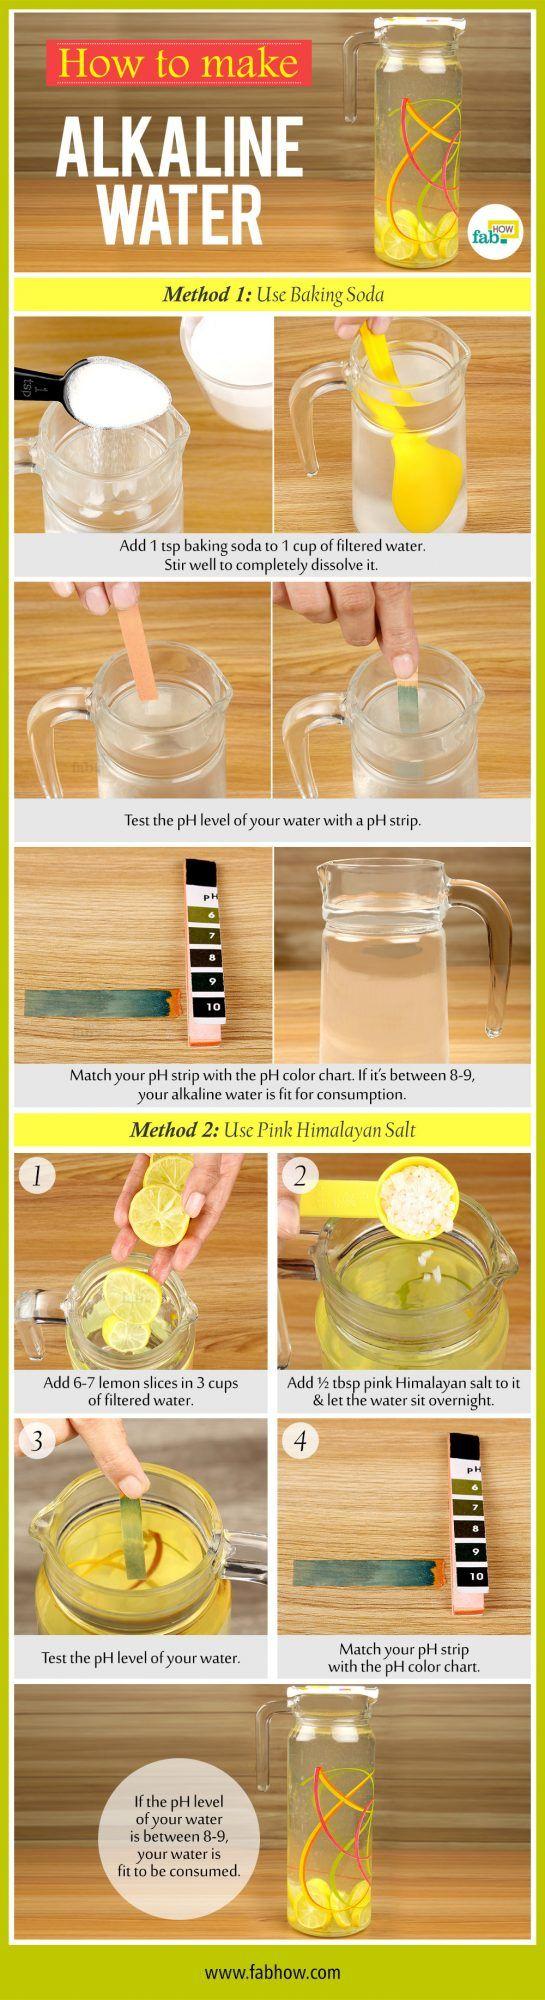 make alkaline water